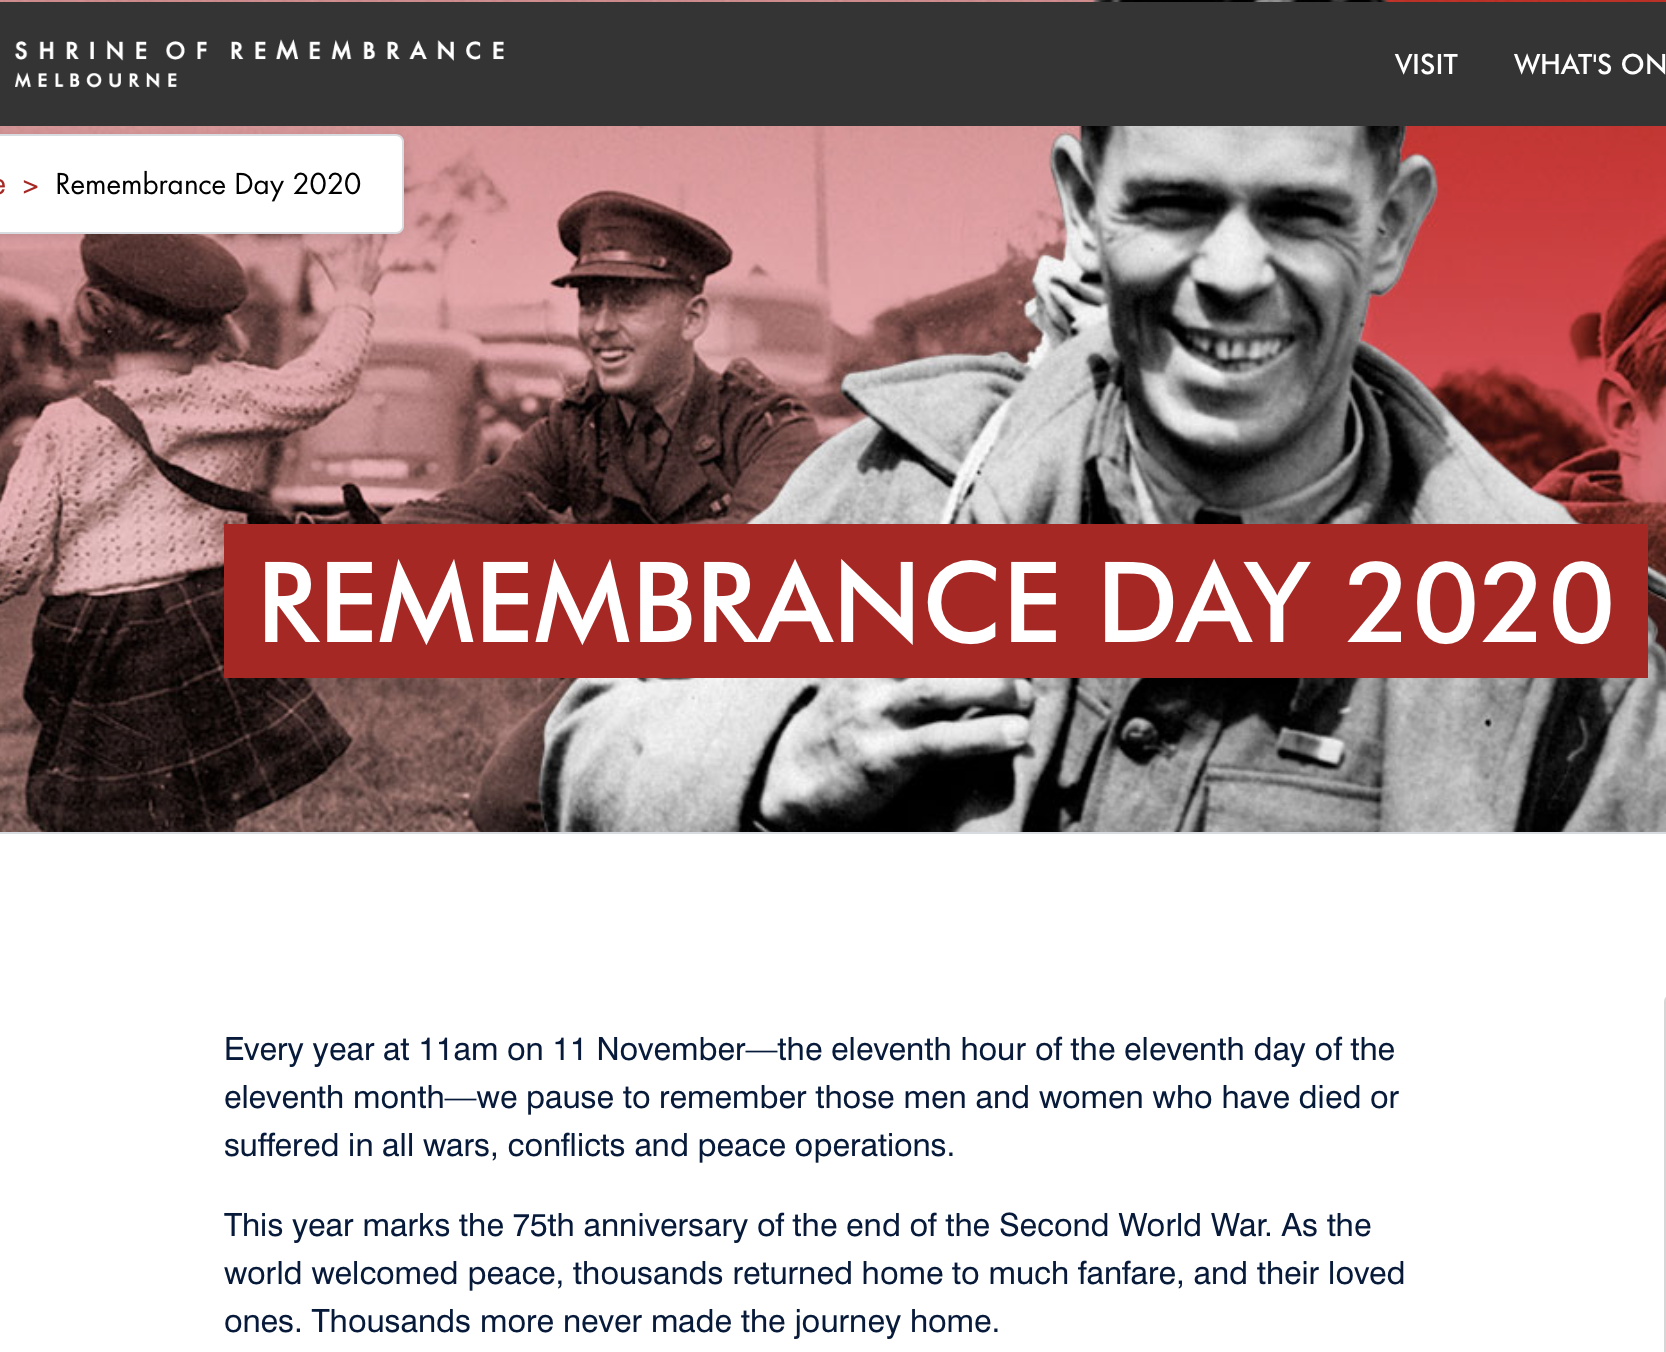 Remembrance Day Service 2020 [Victoria]